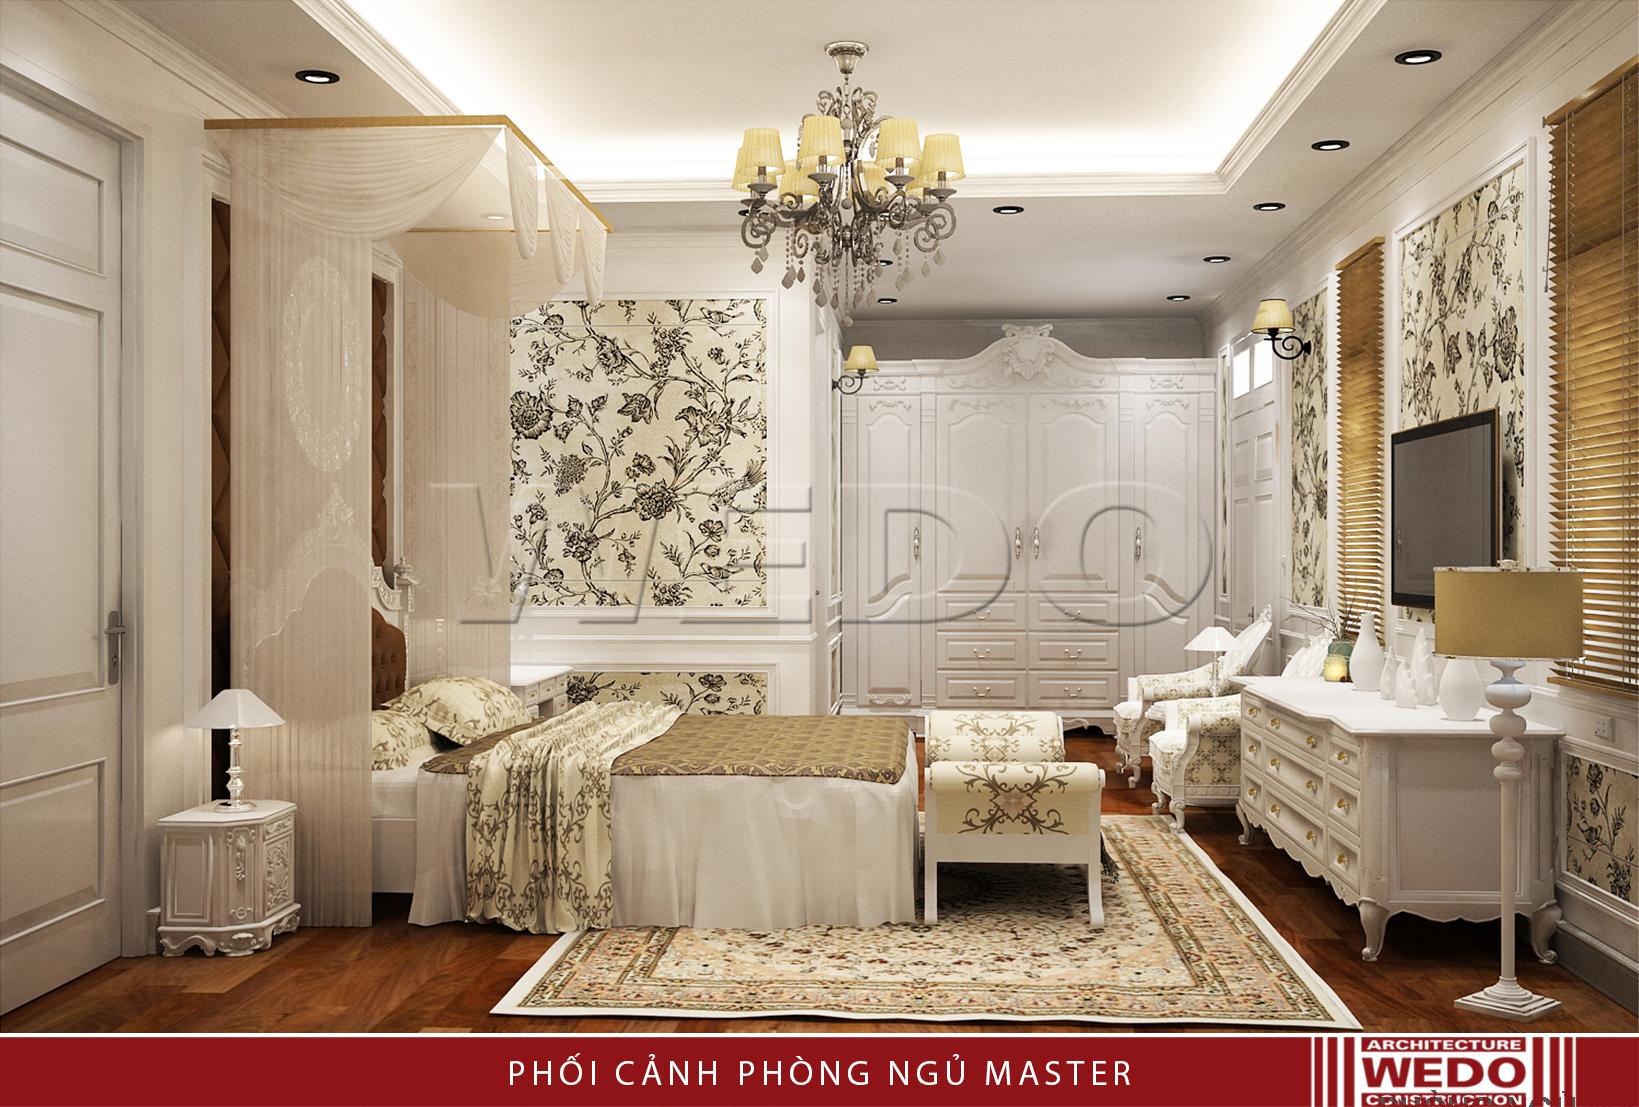 Nội thất phòng ngủ master biệt thự Linh đàm